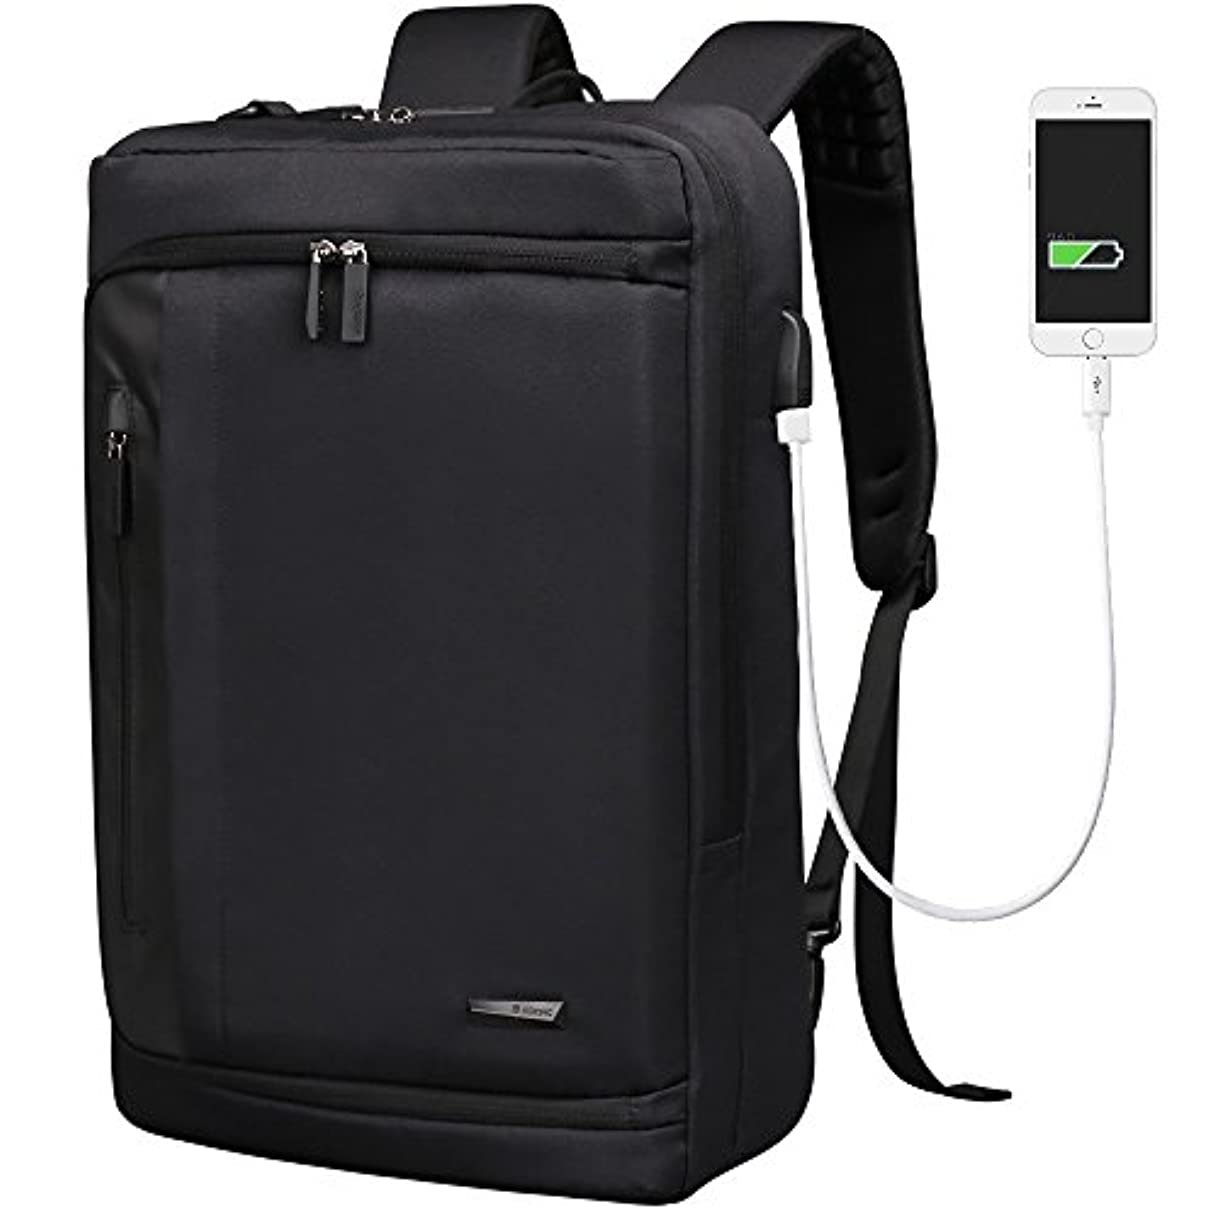 時間とともに一過性多用途[Aoking] 3WAY タイプ 四角 USBポート 充電 大きい リュック 旅行 便利 男 通学通勤 防水 パソコン PC バック パック (ブラック)